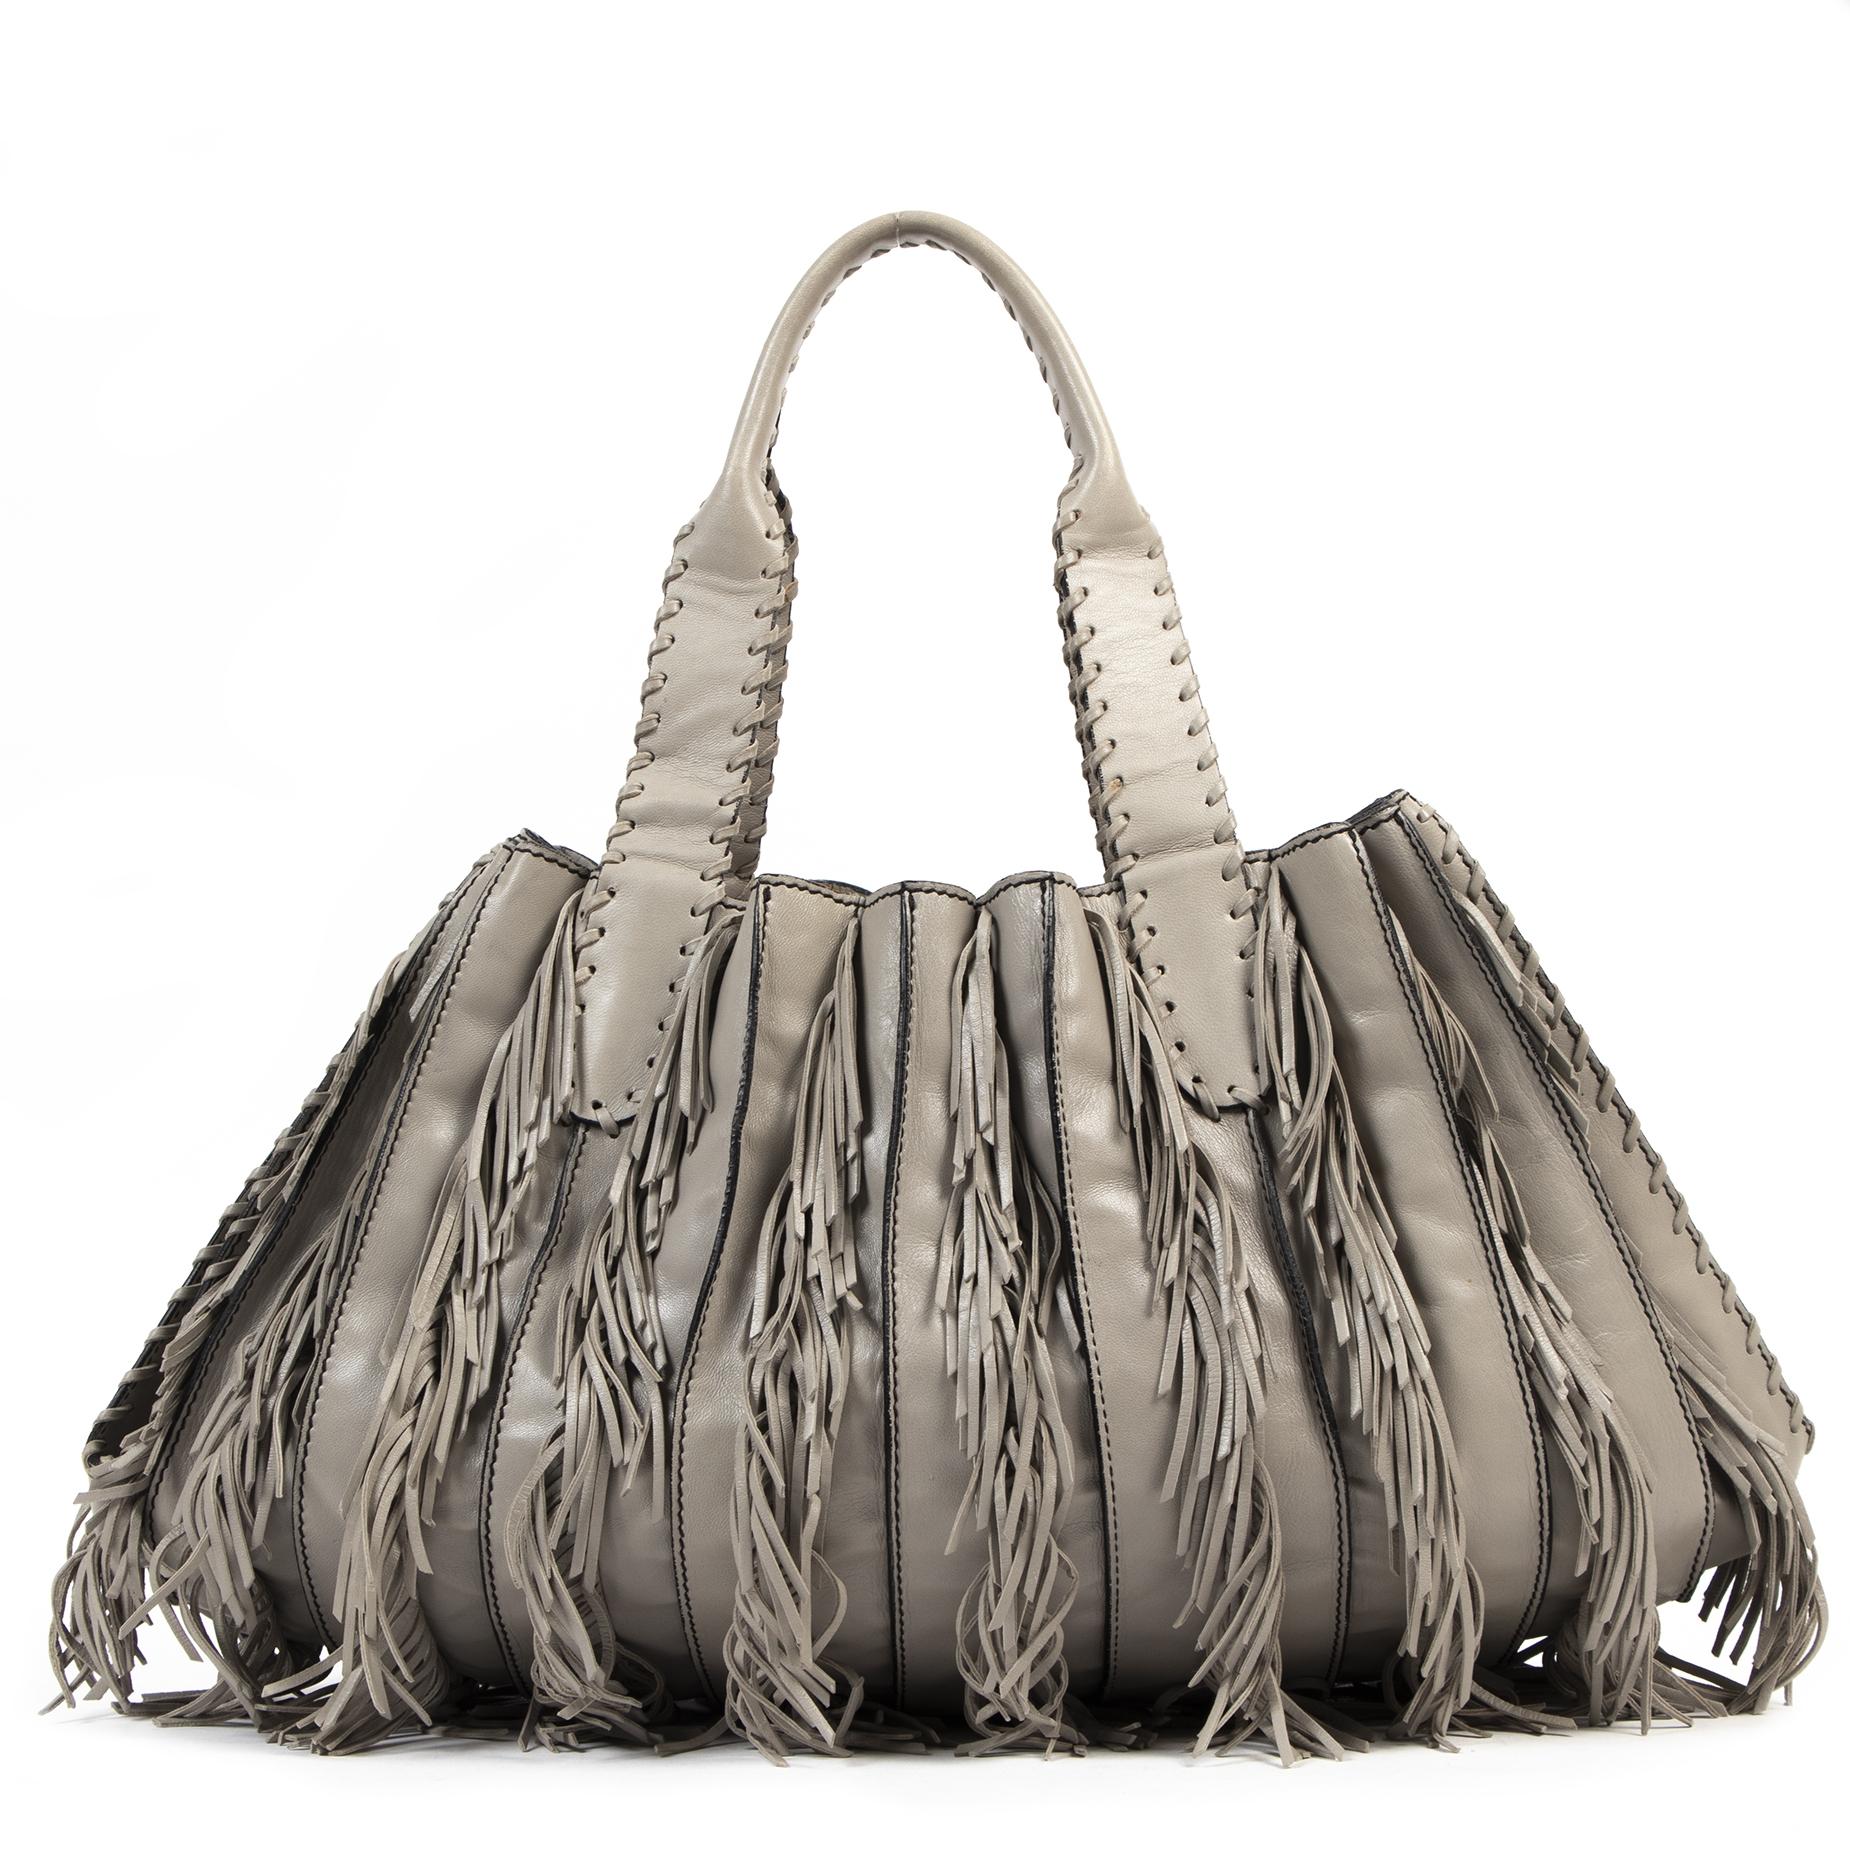 Authentieke Tweedehands Valentino Grey Fringe Shoulder Bag juiste prijs veilig online shoppen luxe merken webshop winkelen Antwerpen België mode fashion